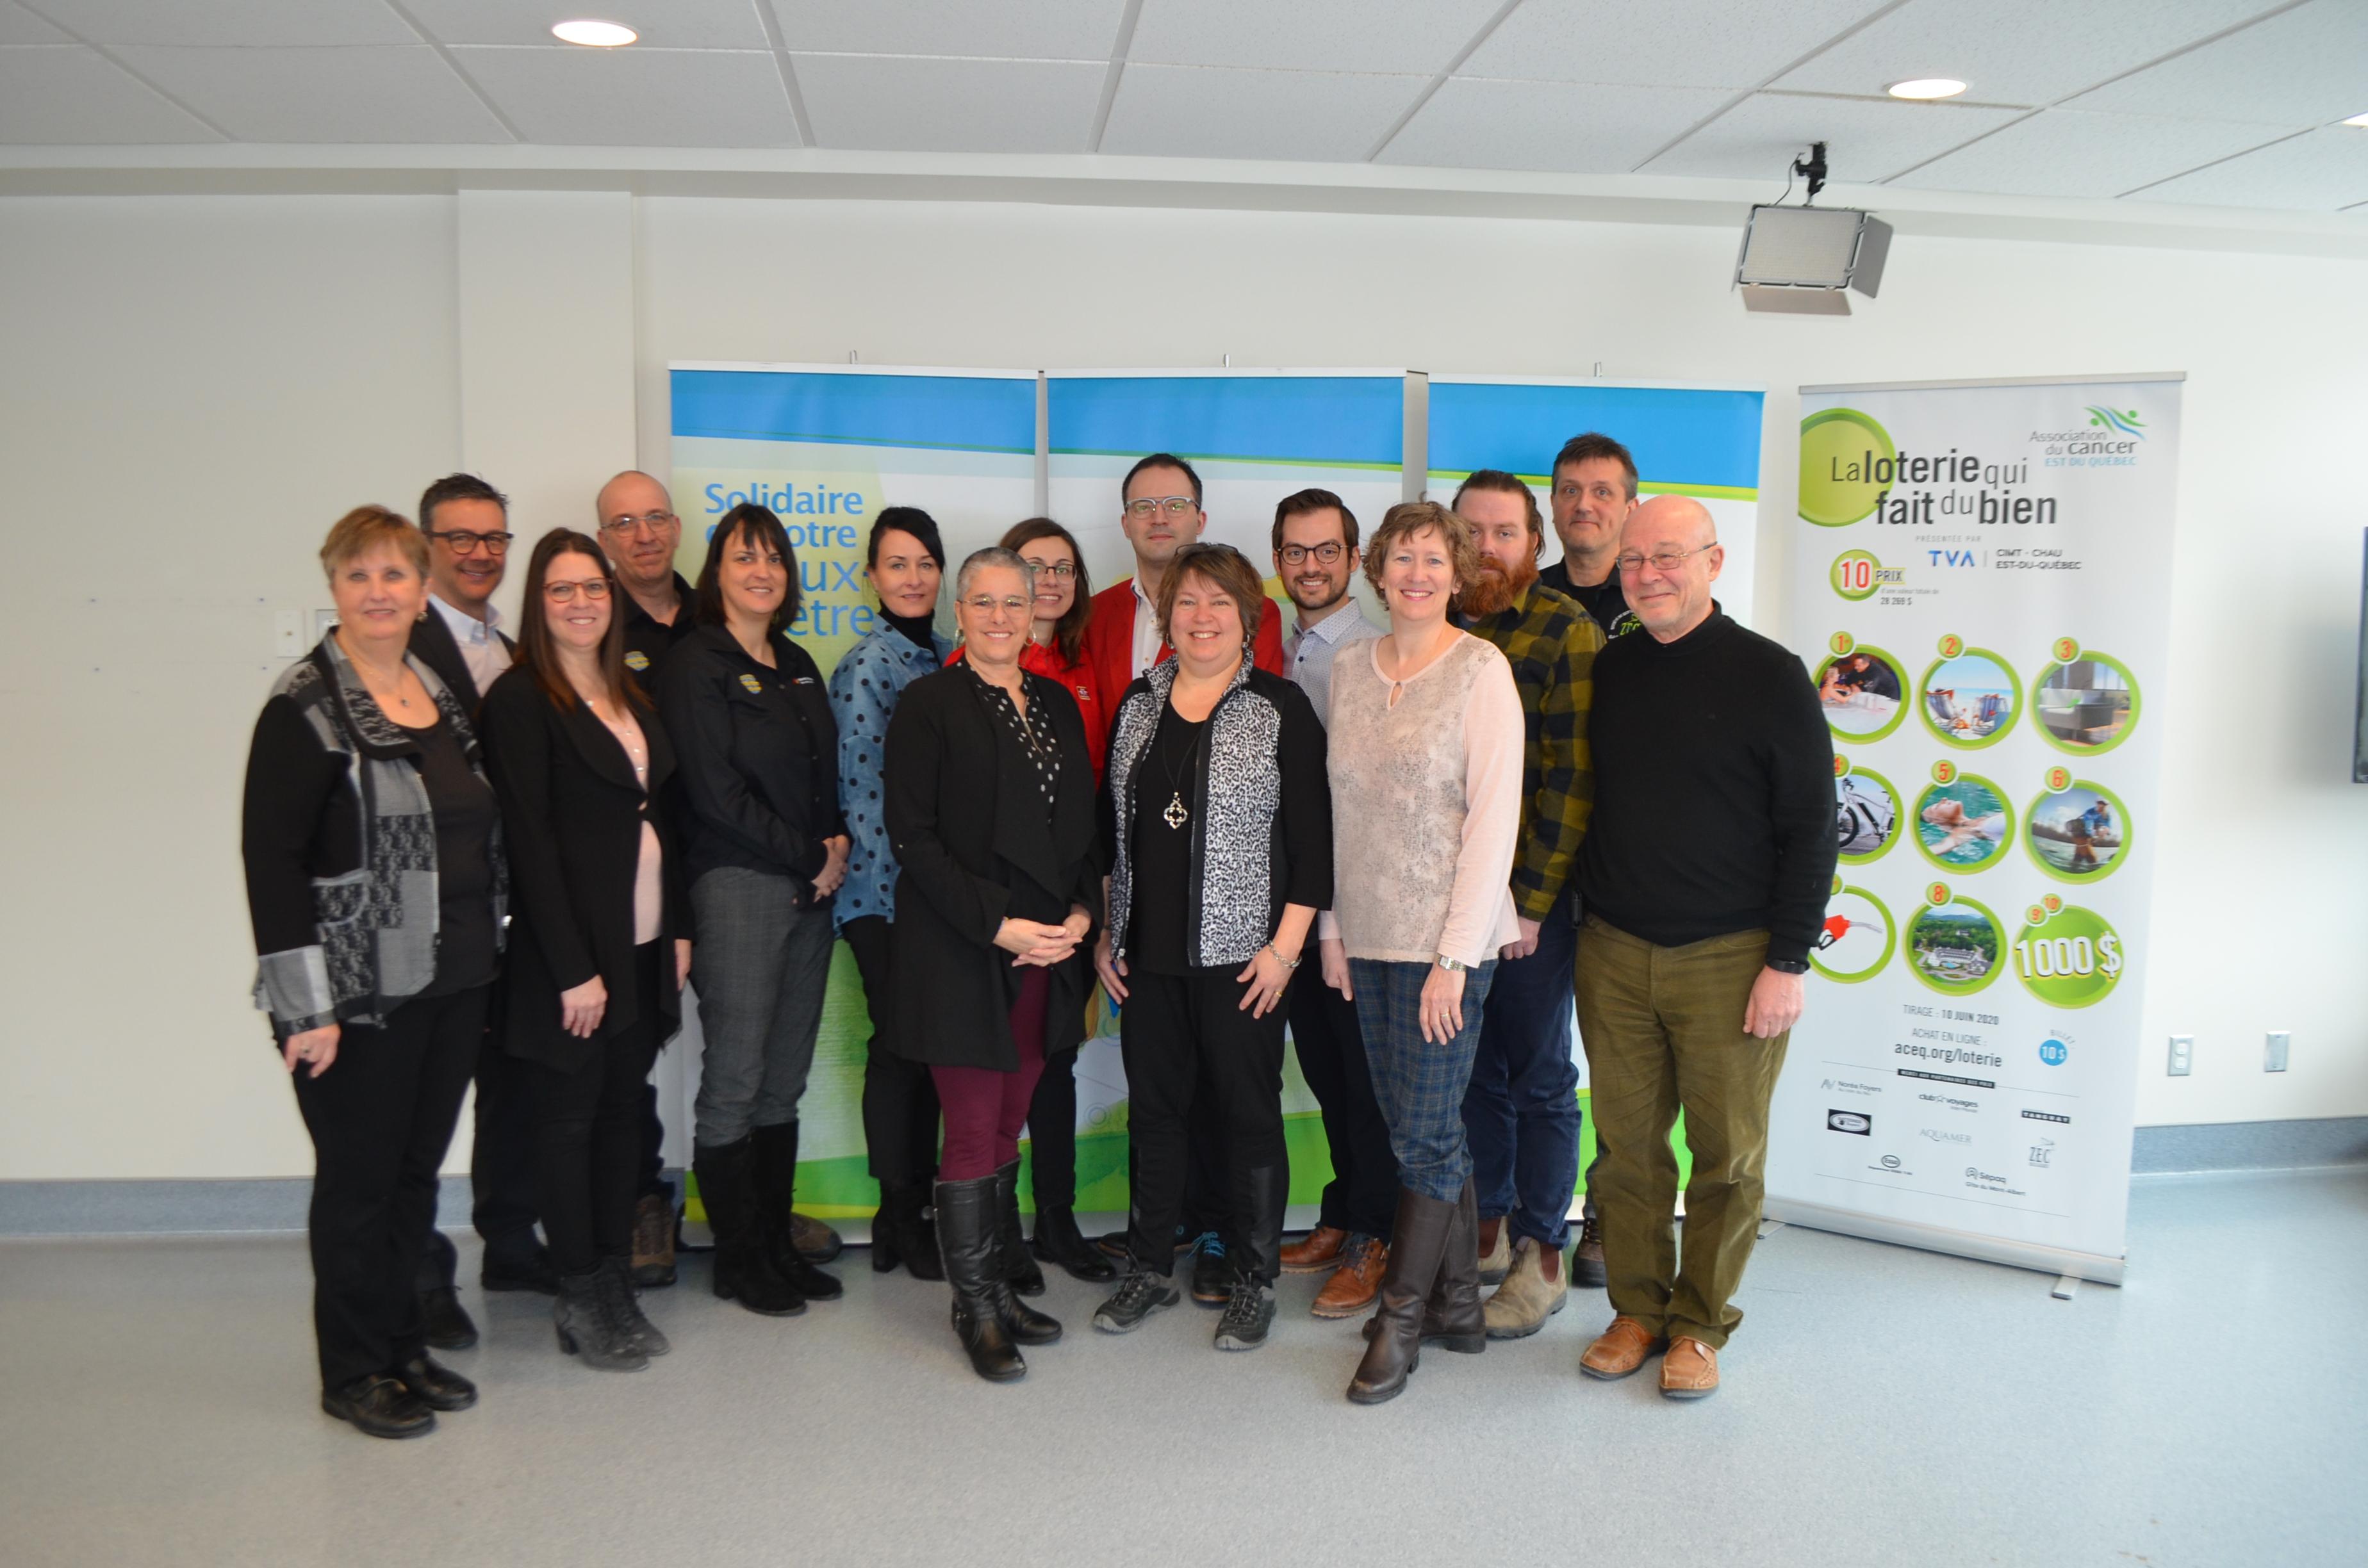 Les représentants de l'Association du cancer de l'Est-du-Québec et des partenaires de la Loterie qui fait du bien.